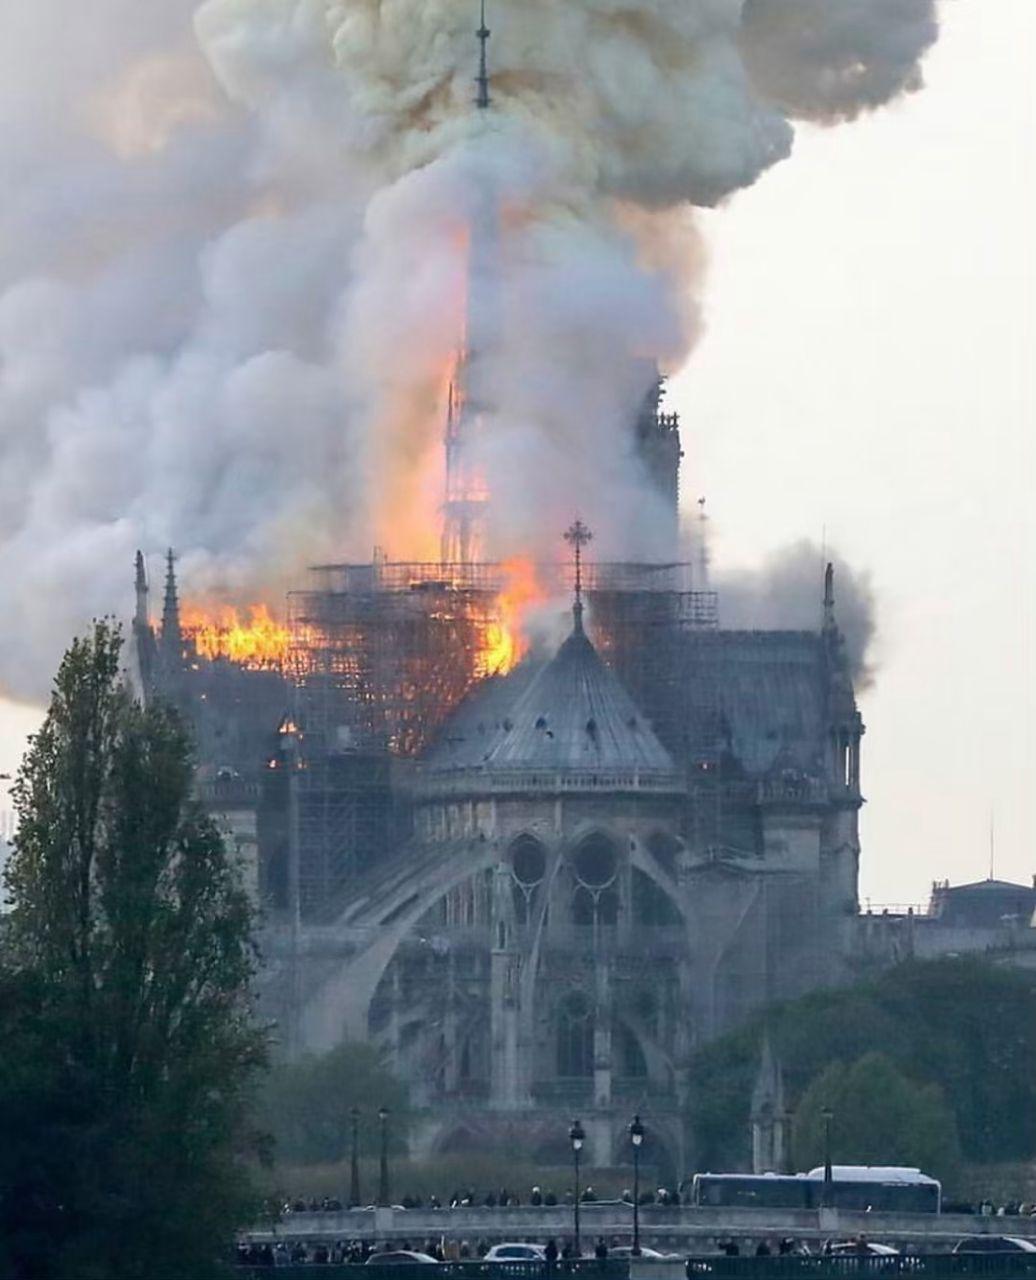 ساختمان کلیسای نوتردام از آتش سوزی کامل حفظ شد